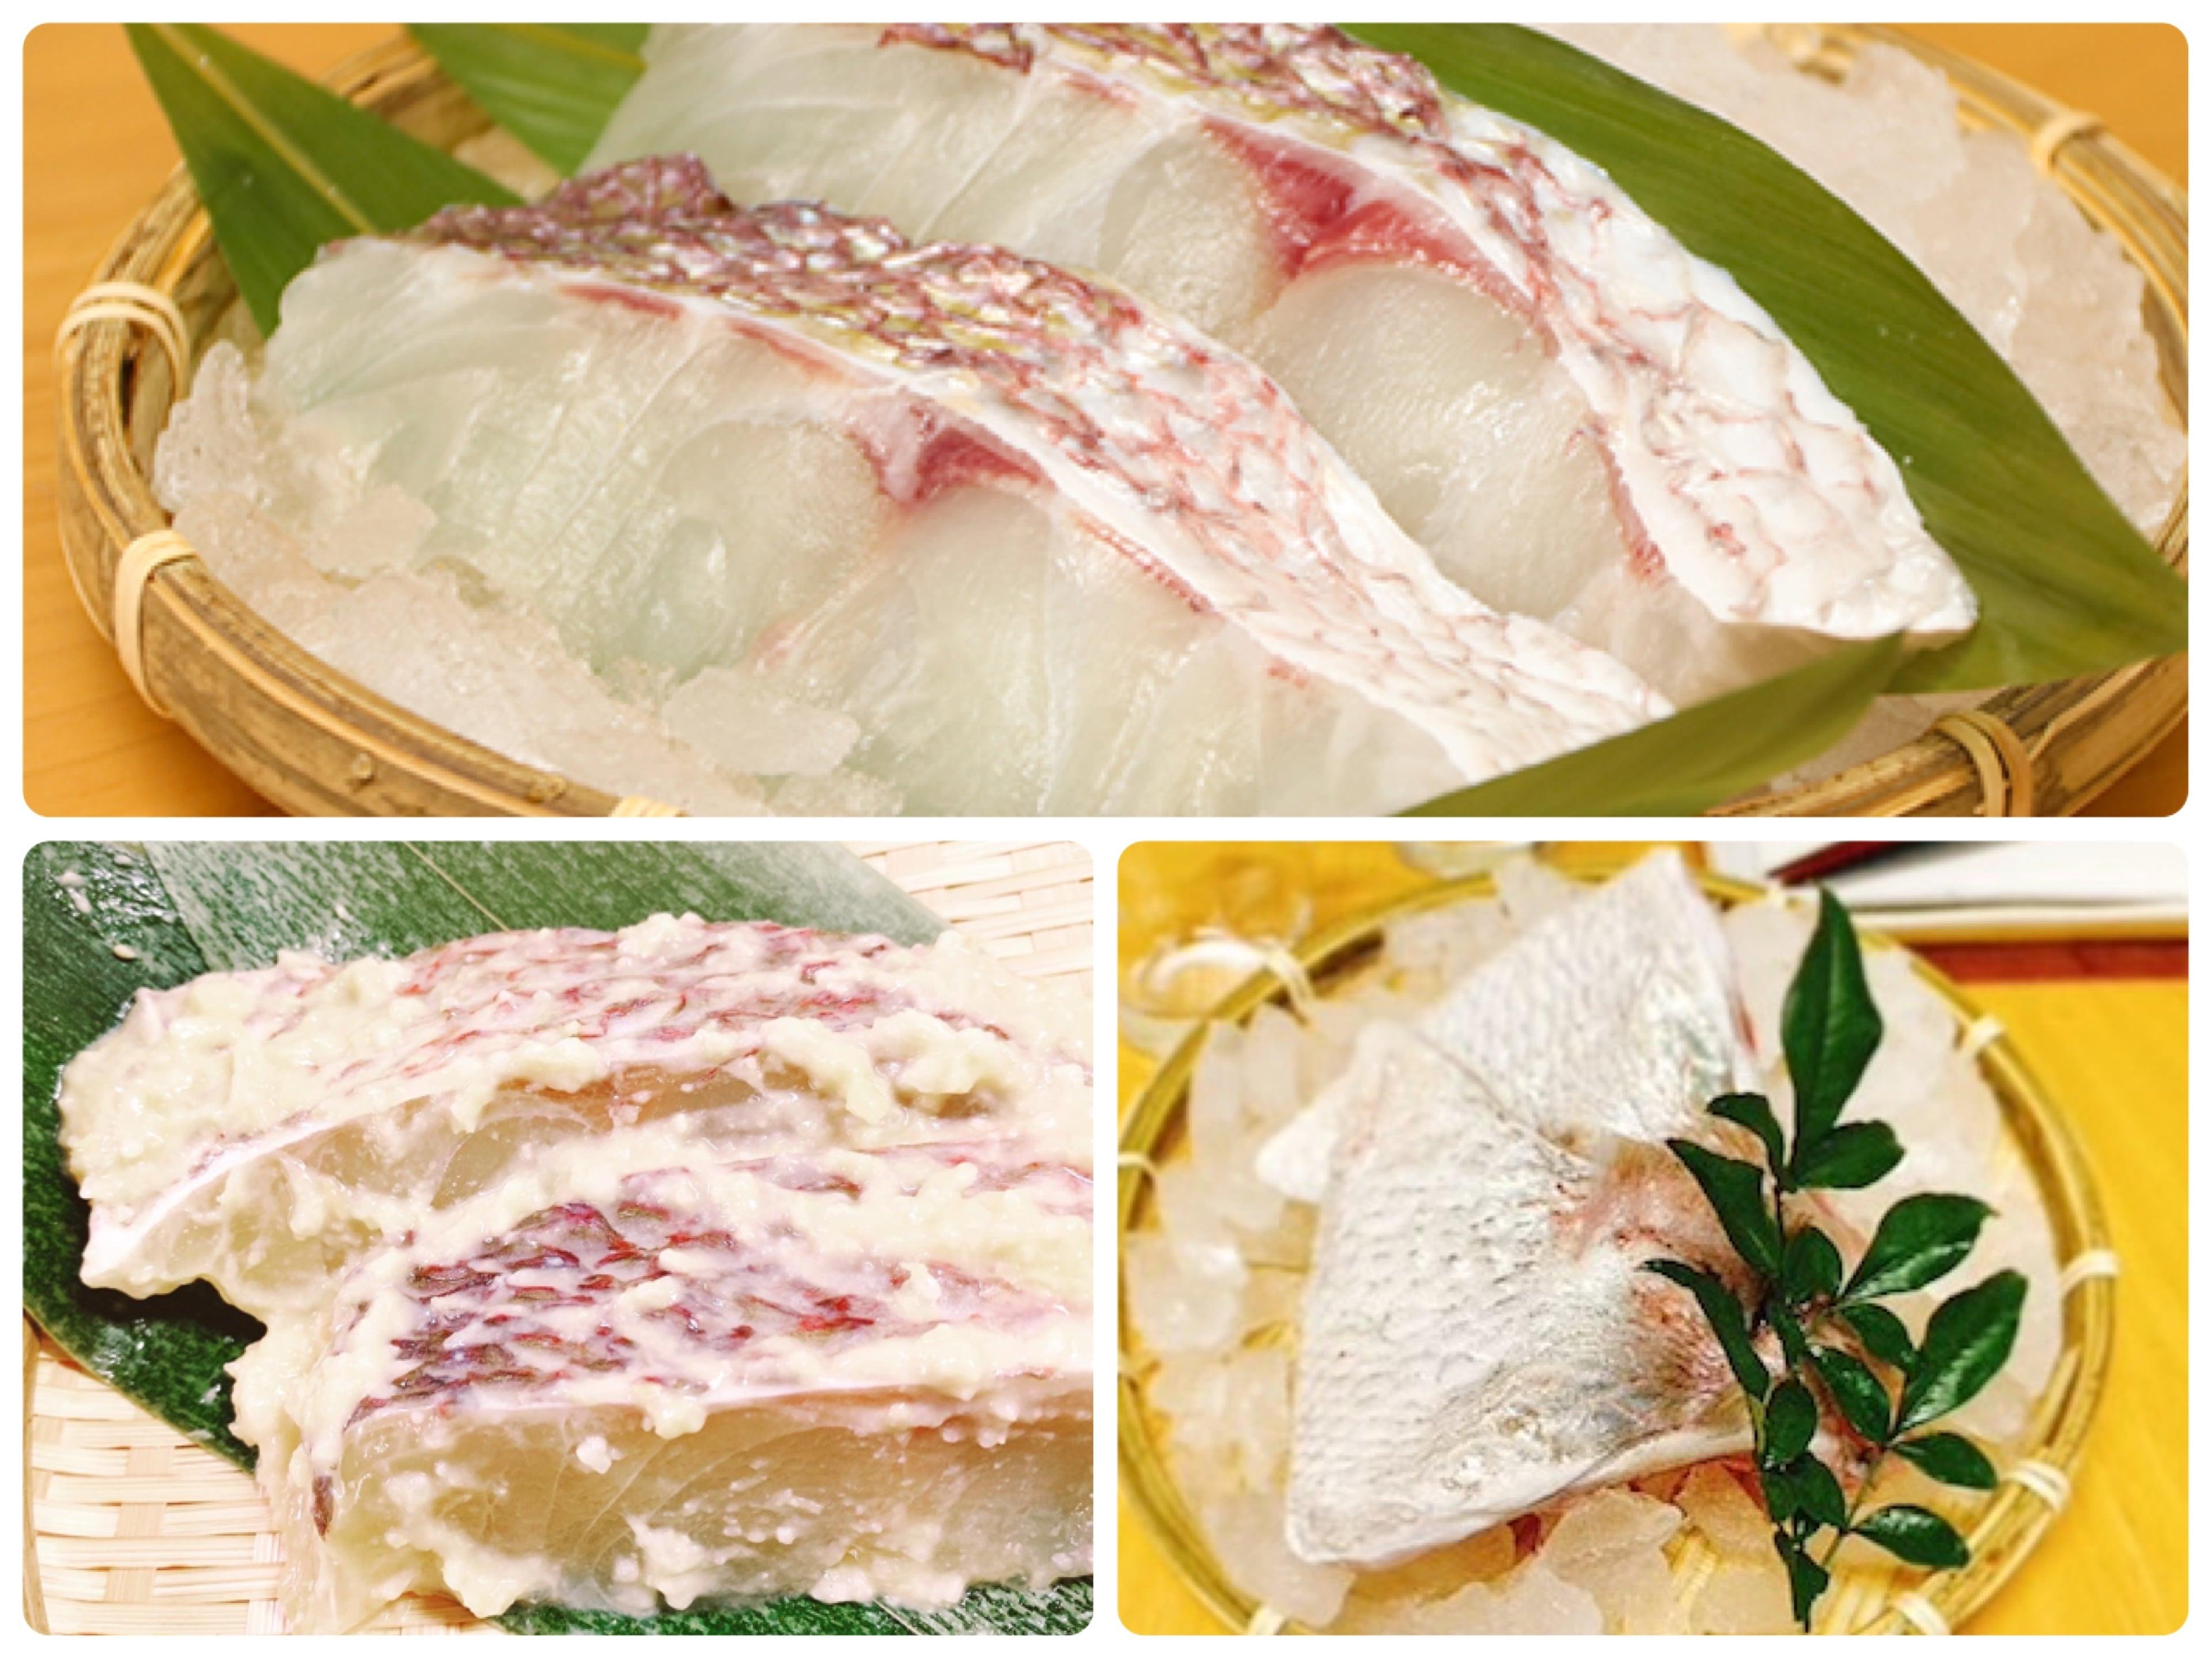 【新商品】天草産「真鯛の切り身&西京漬け&真鯛のカマ」セット